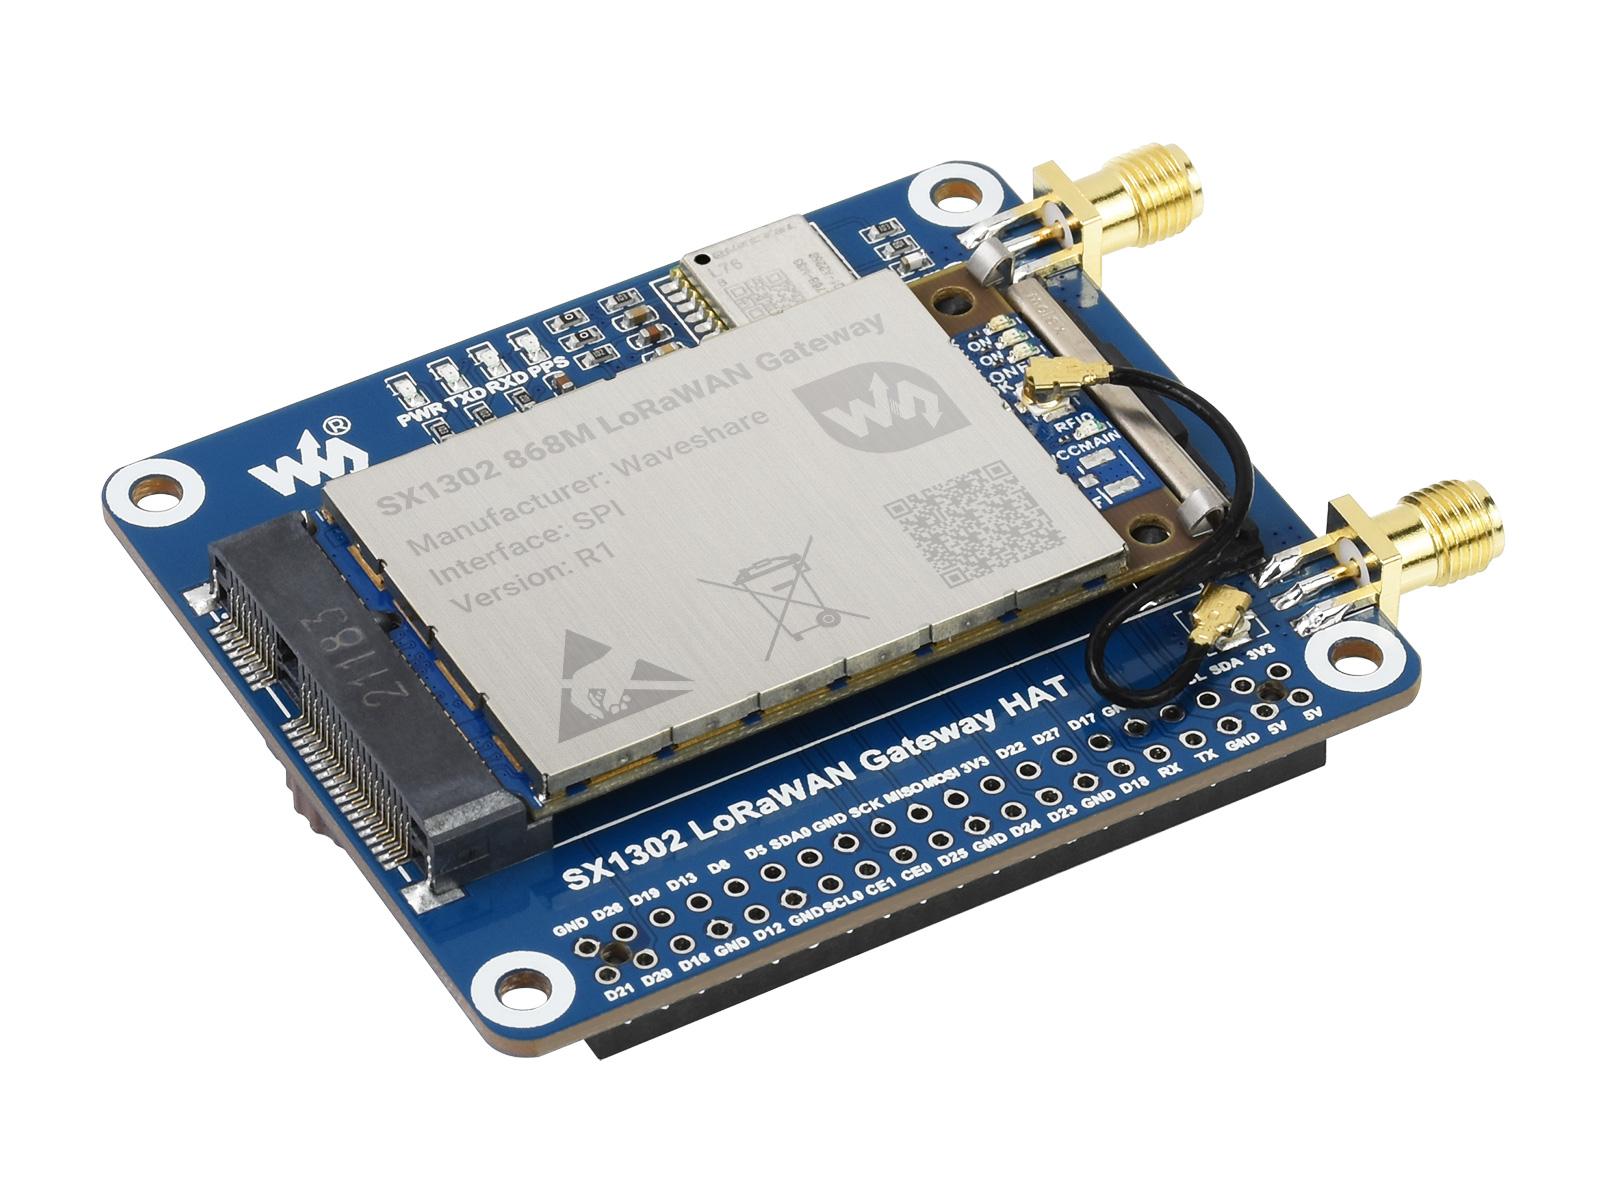 树莓派LoRaWAN扩展板 SX1302 EU868 GNSS模组